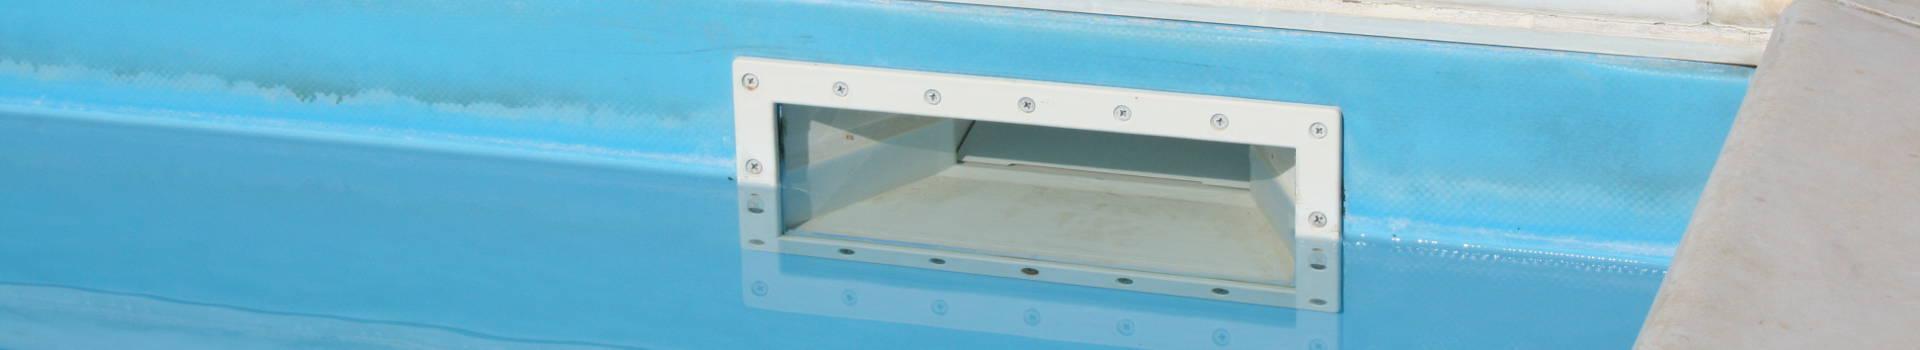 Piscine isola d 39 elba costruzione manutenzione accessori for Accessori piscine